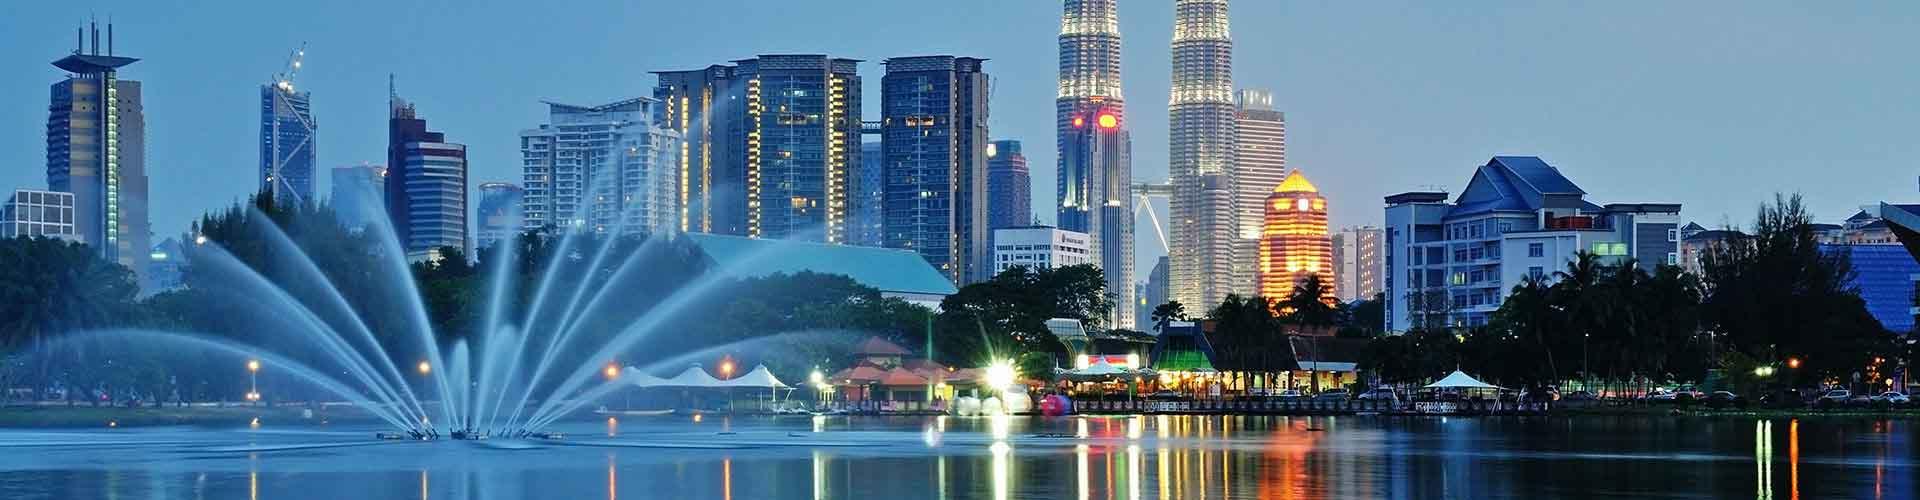 쿠알라룸푸르 - 쿠알라룸푸르에 있는 호스텔. 쿠알라룸푸르의 지도, 쿠알라룸푸르에 위치한 호스텔 사진 및 후기 정보.